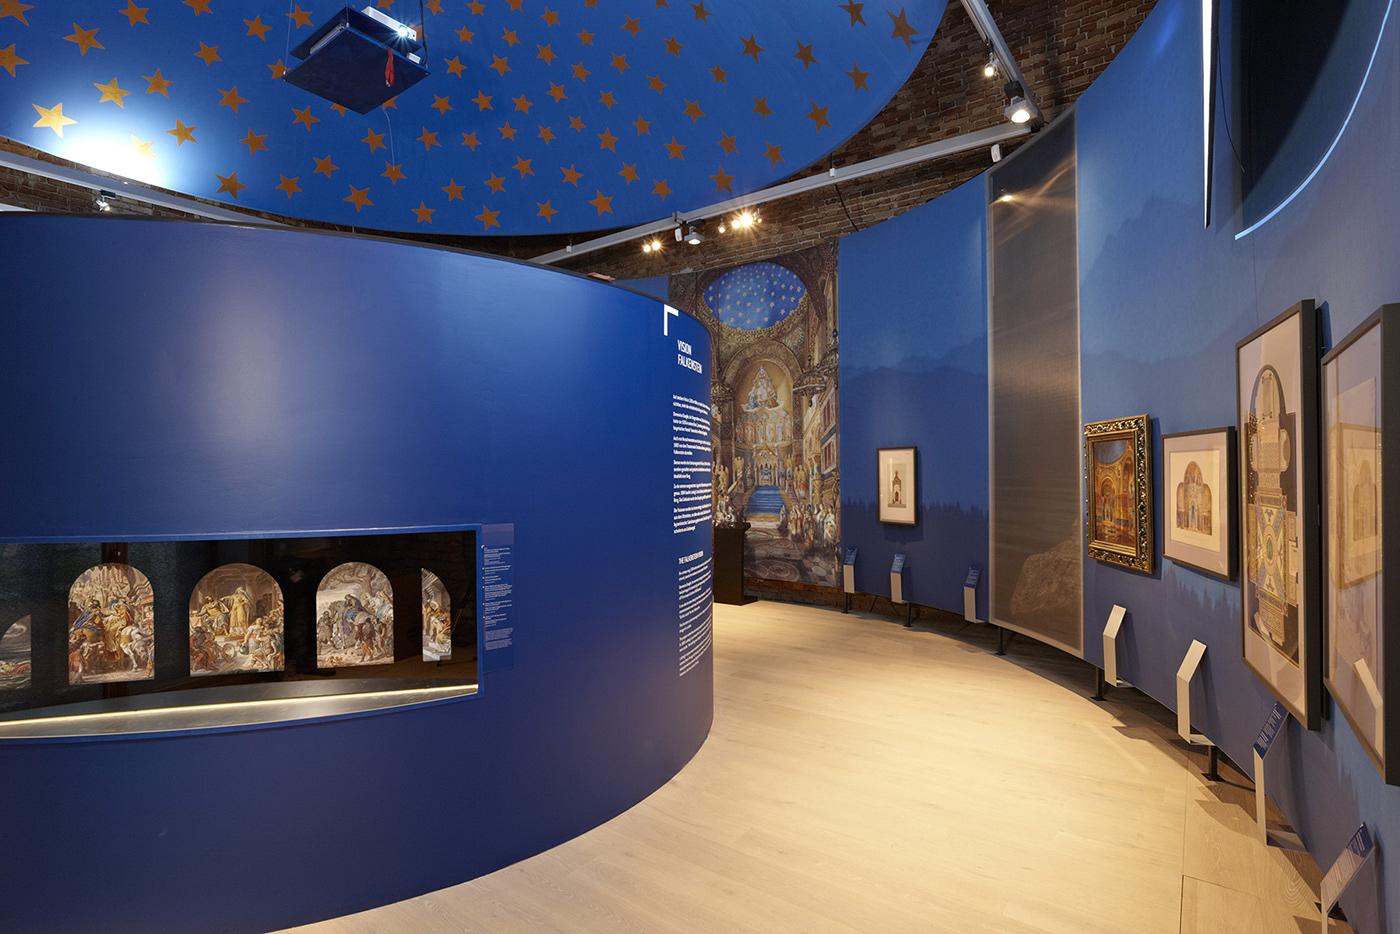 wirsindartisten Exhibition  exhibitiondesign graphicdesign